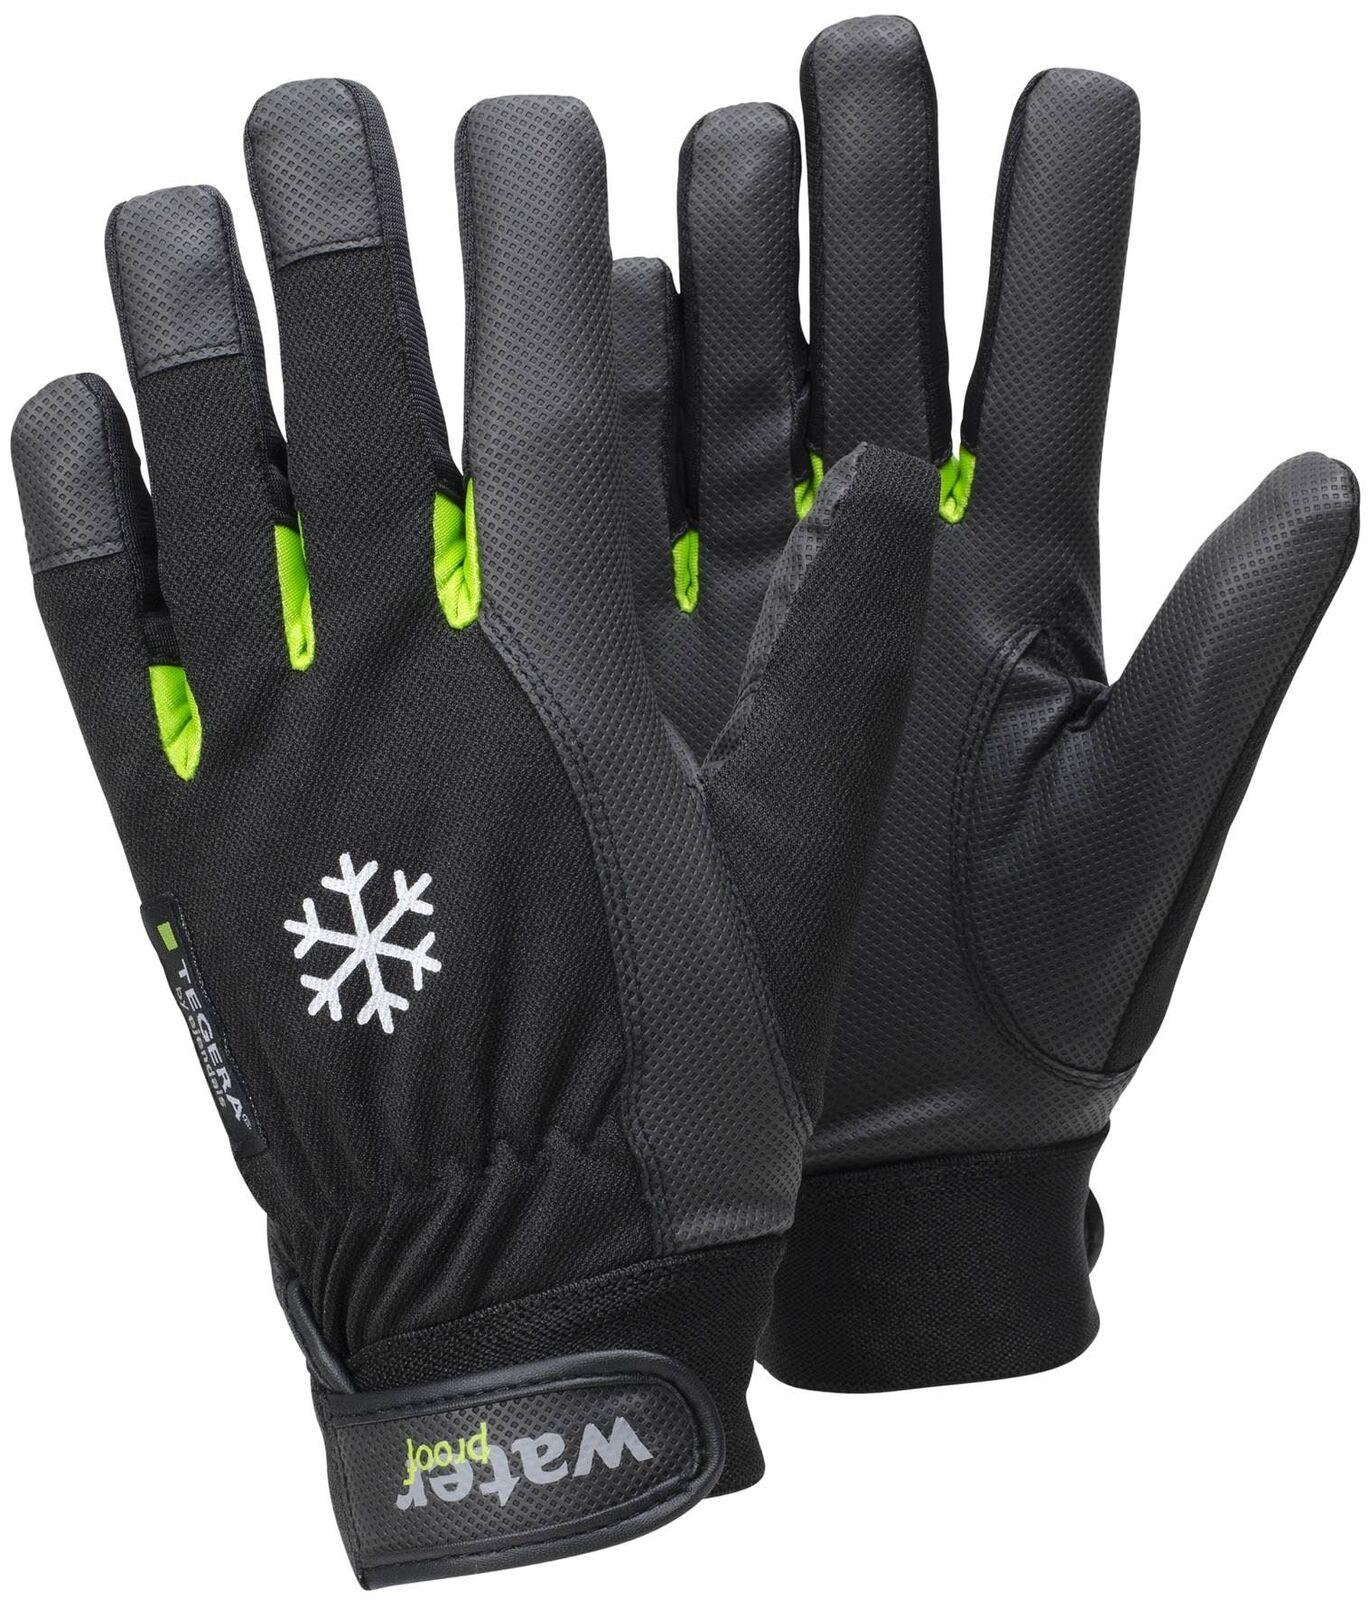 1 Pair Tegera 517 Warm Winter Fleece Lined Thermal Waterproof Gloves Size 11 XXL